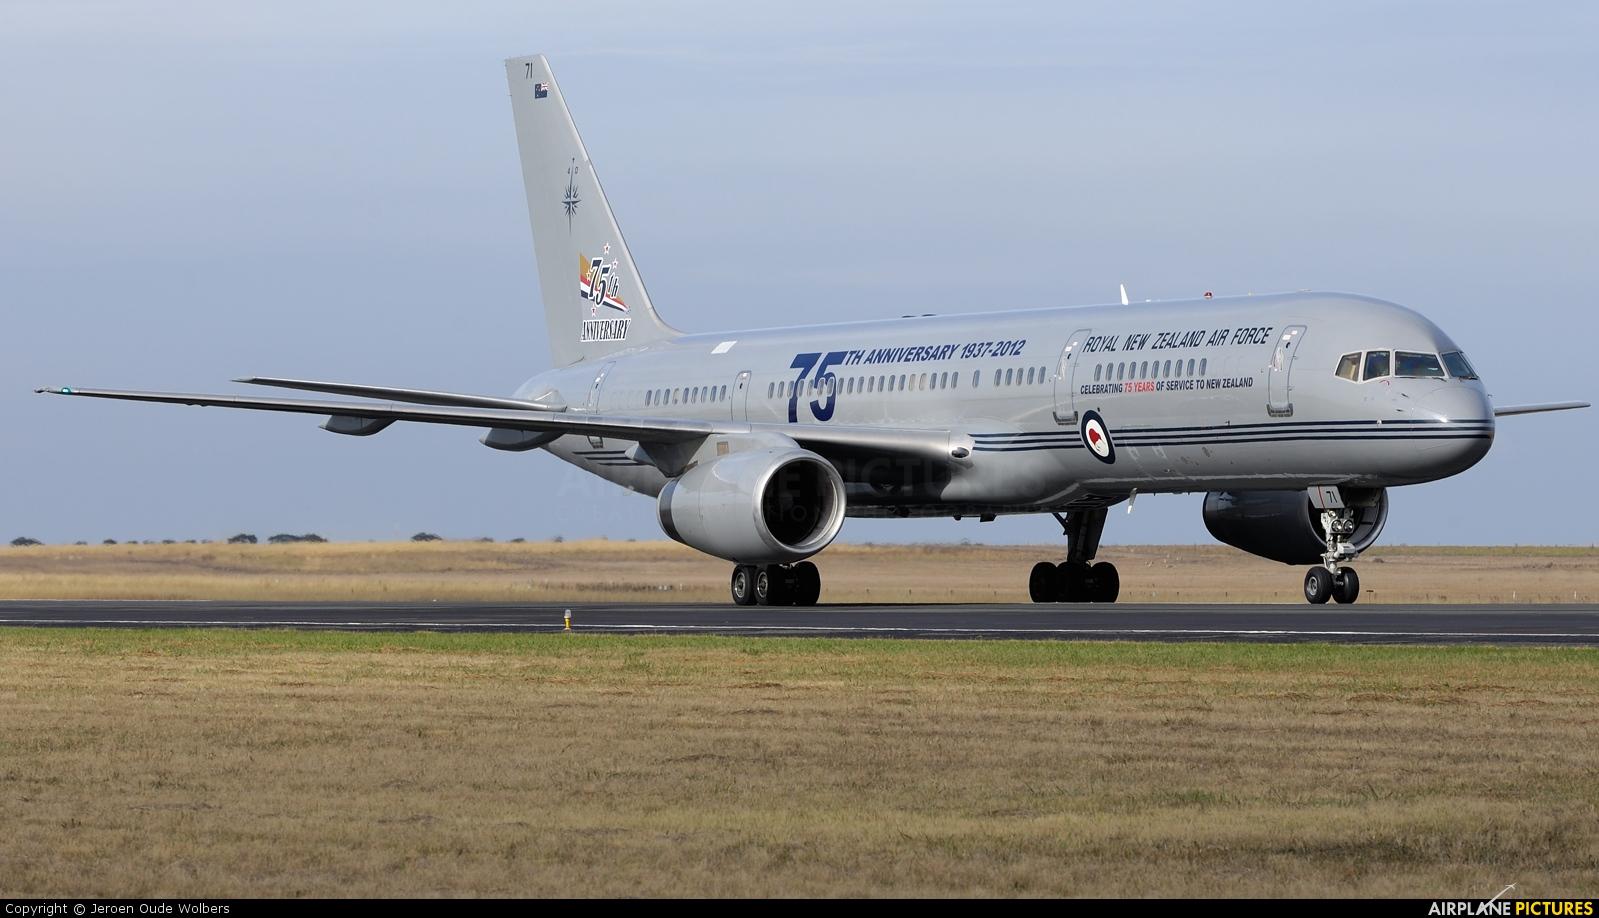 New Zealand - Air Force NZ7571 aircraft at Avalon, VIC